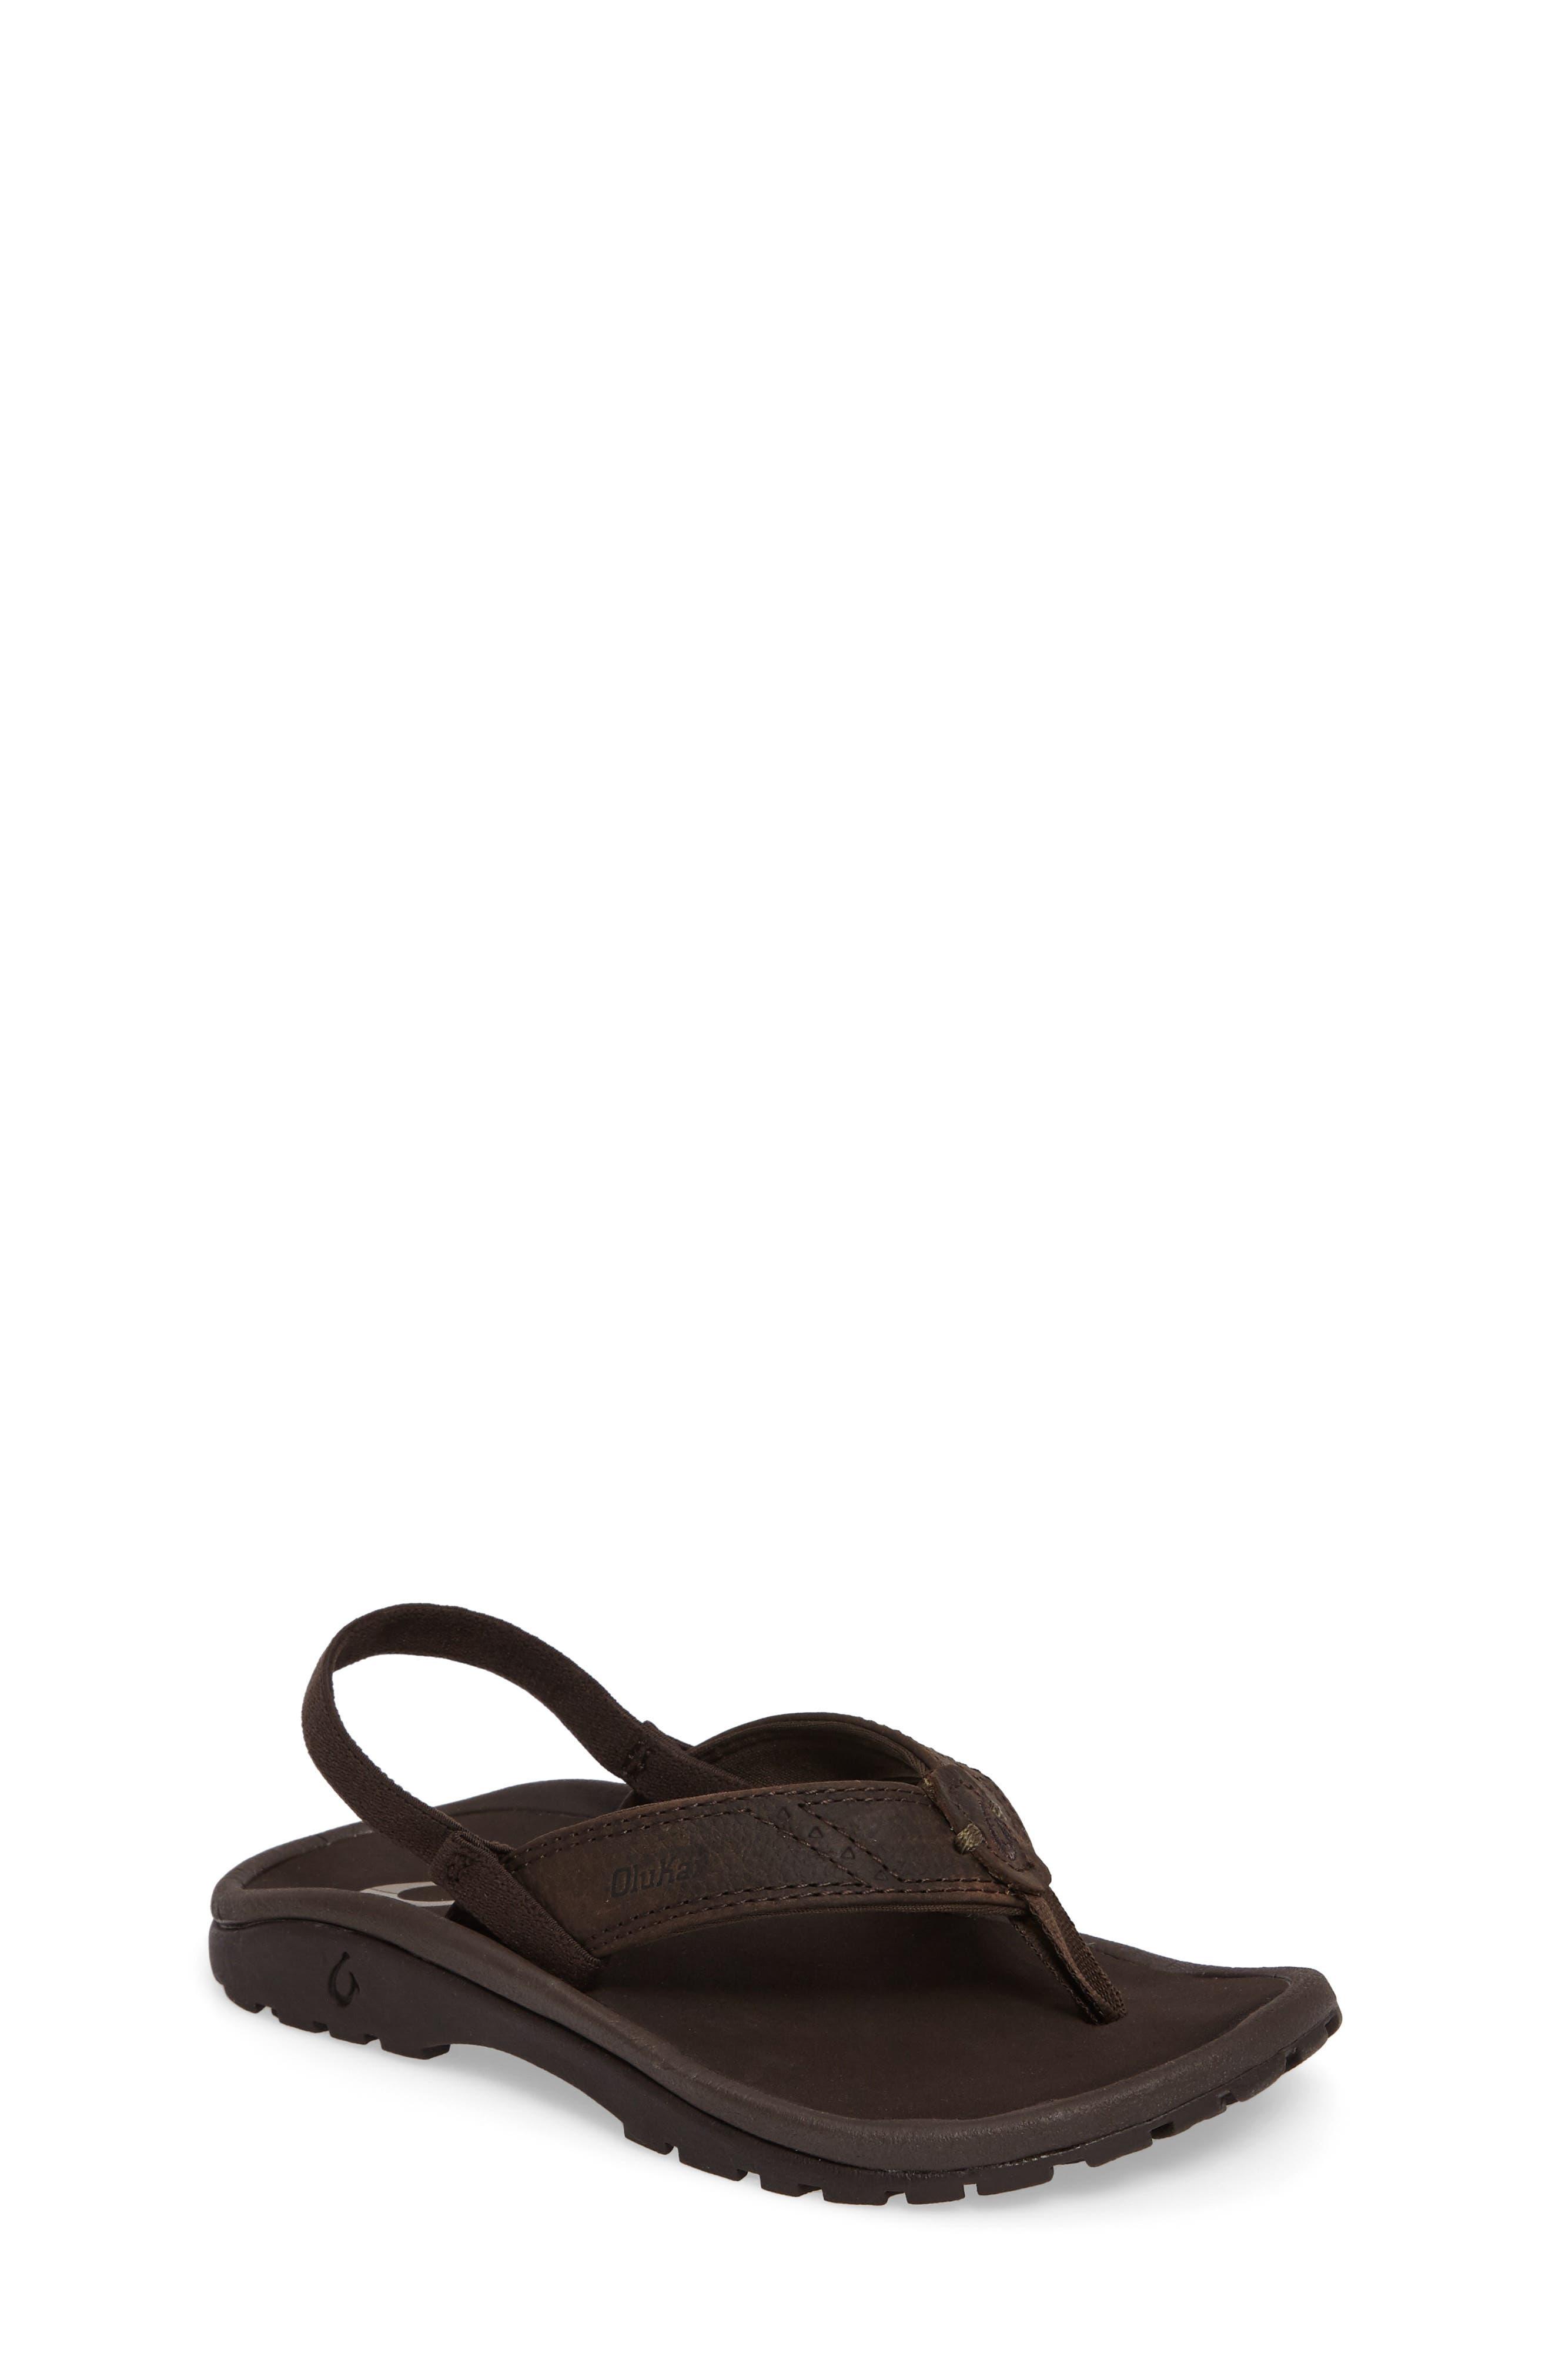 OLUKAI Nui Leather Sandal